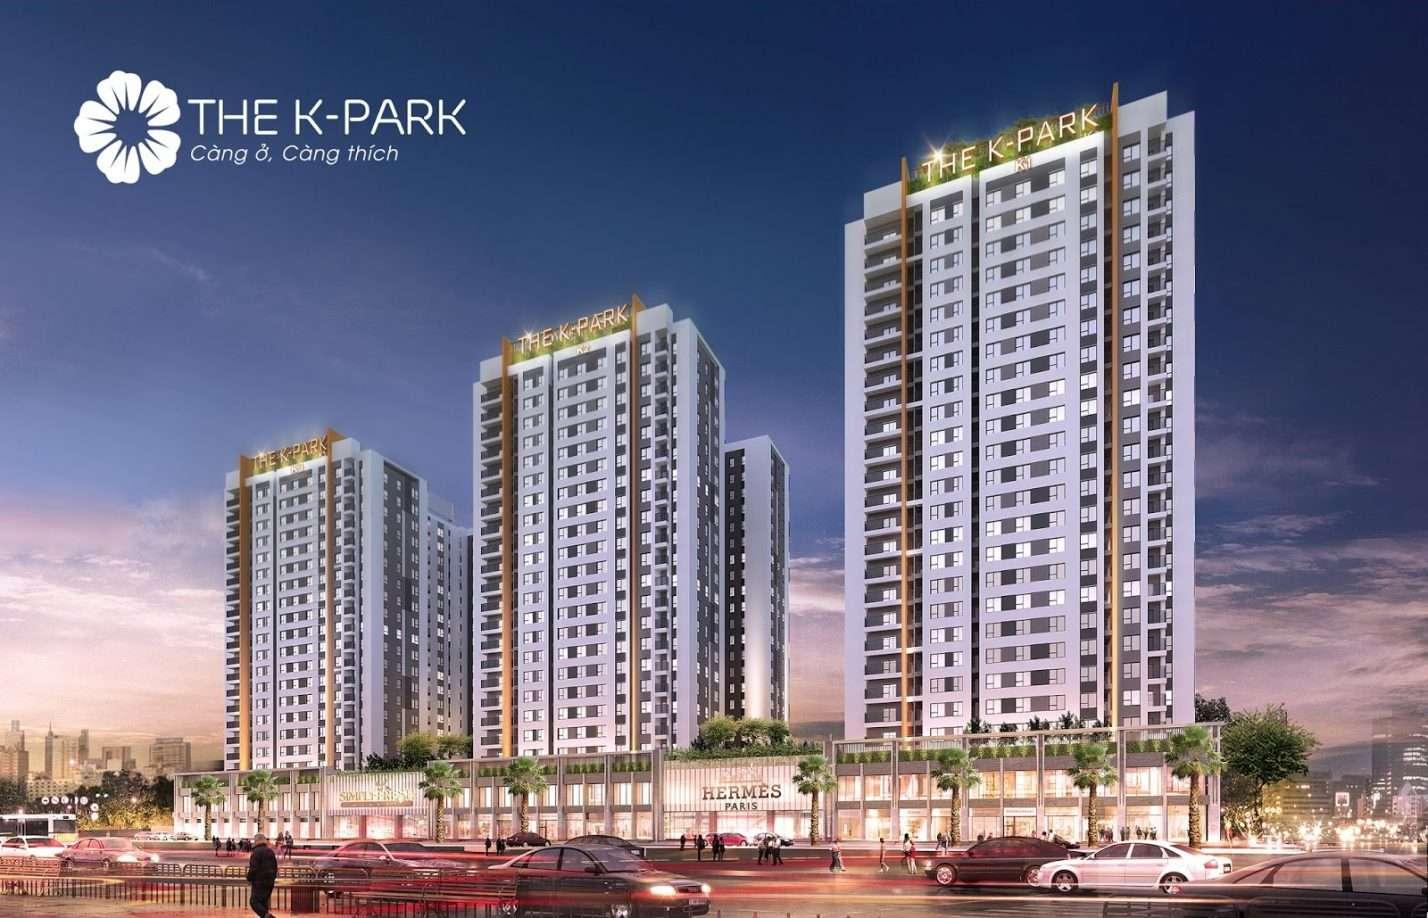 Mua bán ký gửi nhà đất dự án chung cư THE K PARK VĂN PHÚ